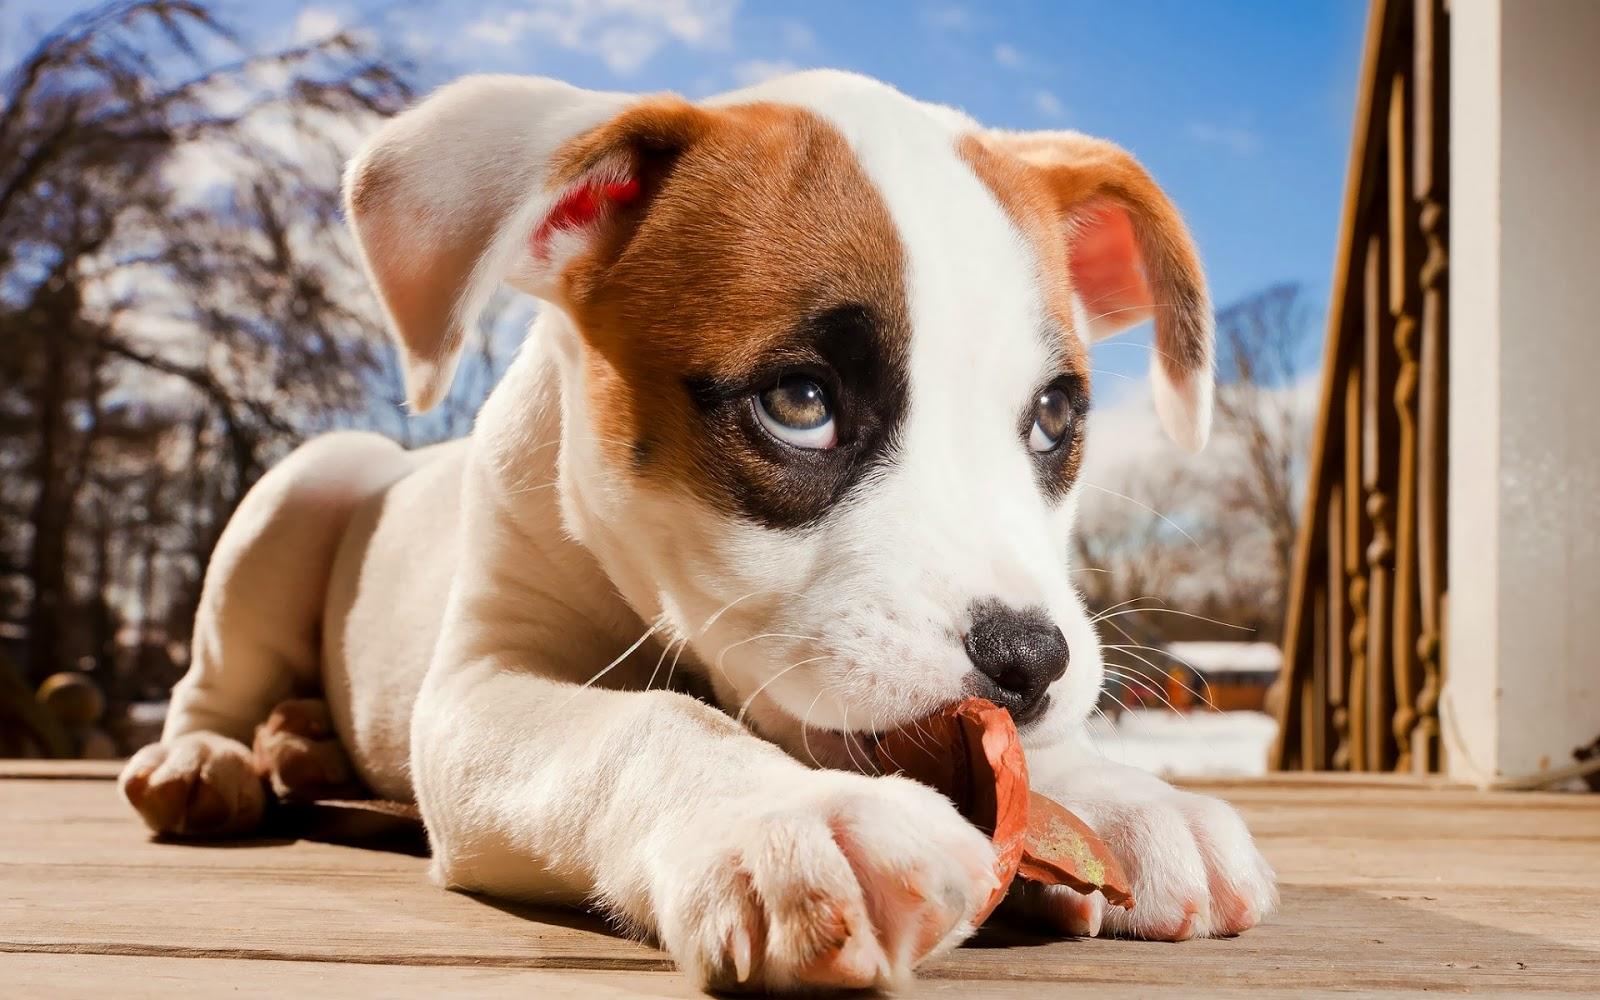 8817e12f5df593 Mooie close up foto van een hond druk aan hett spelen